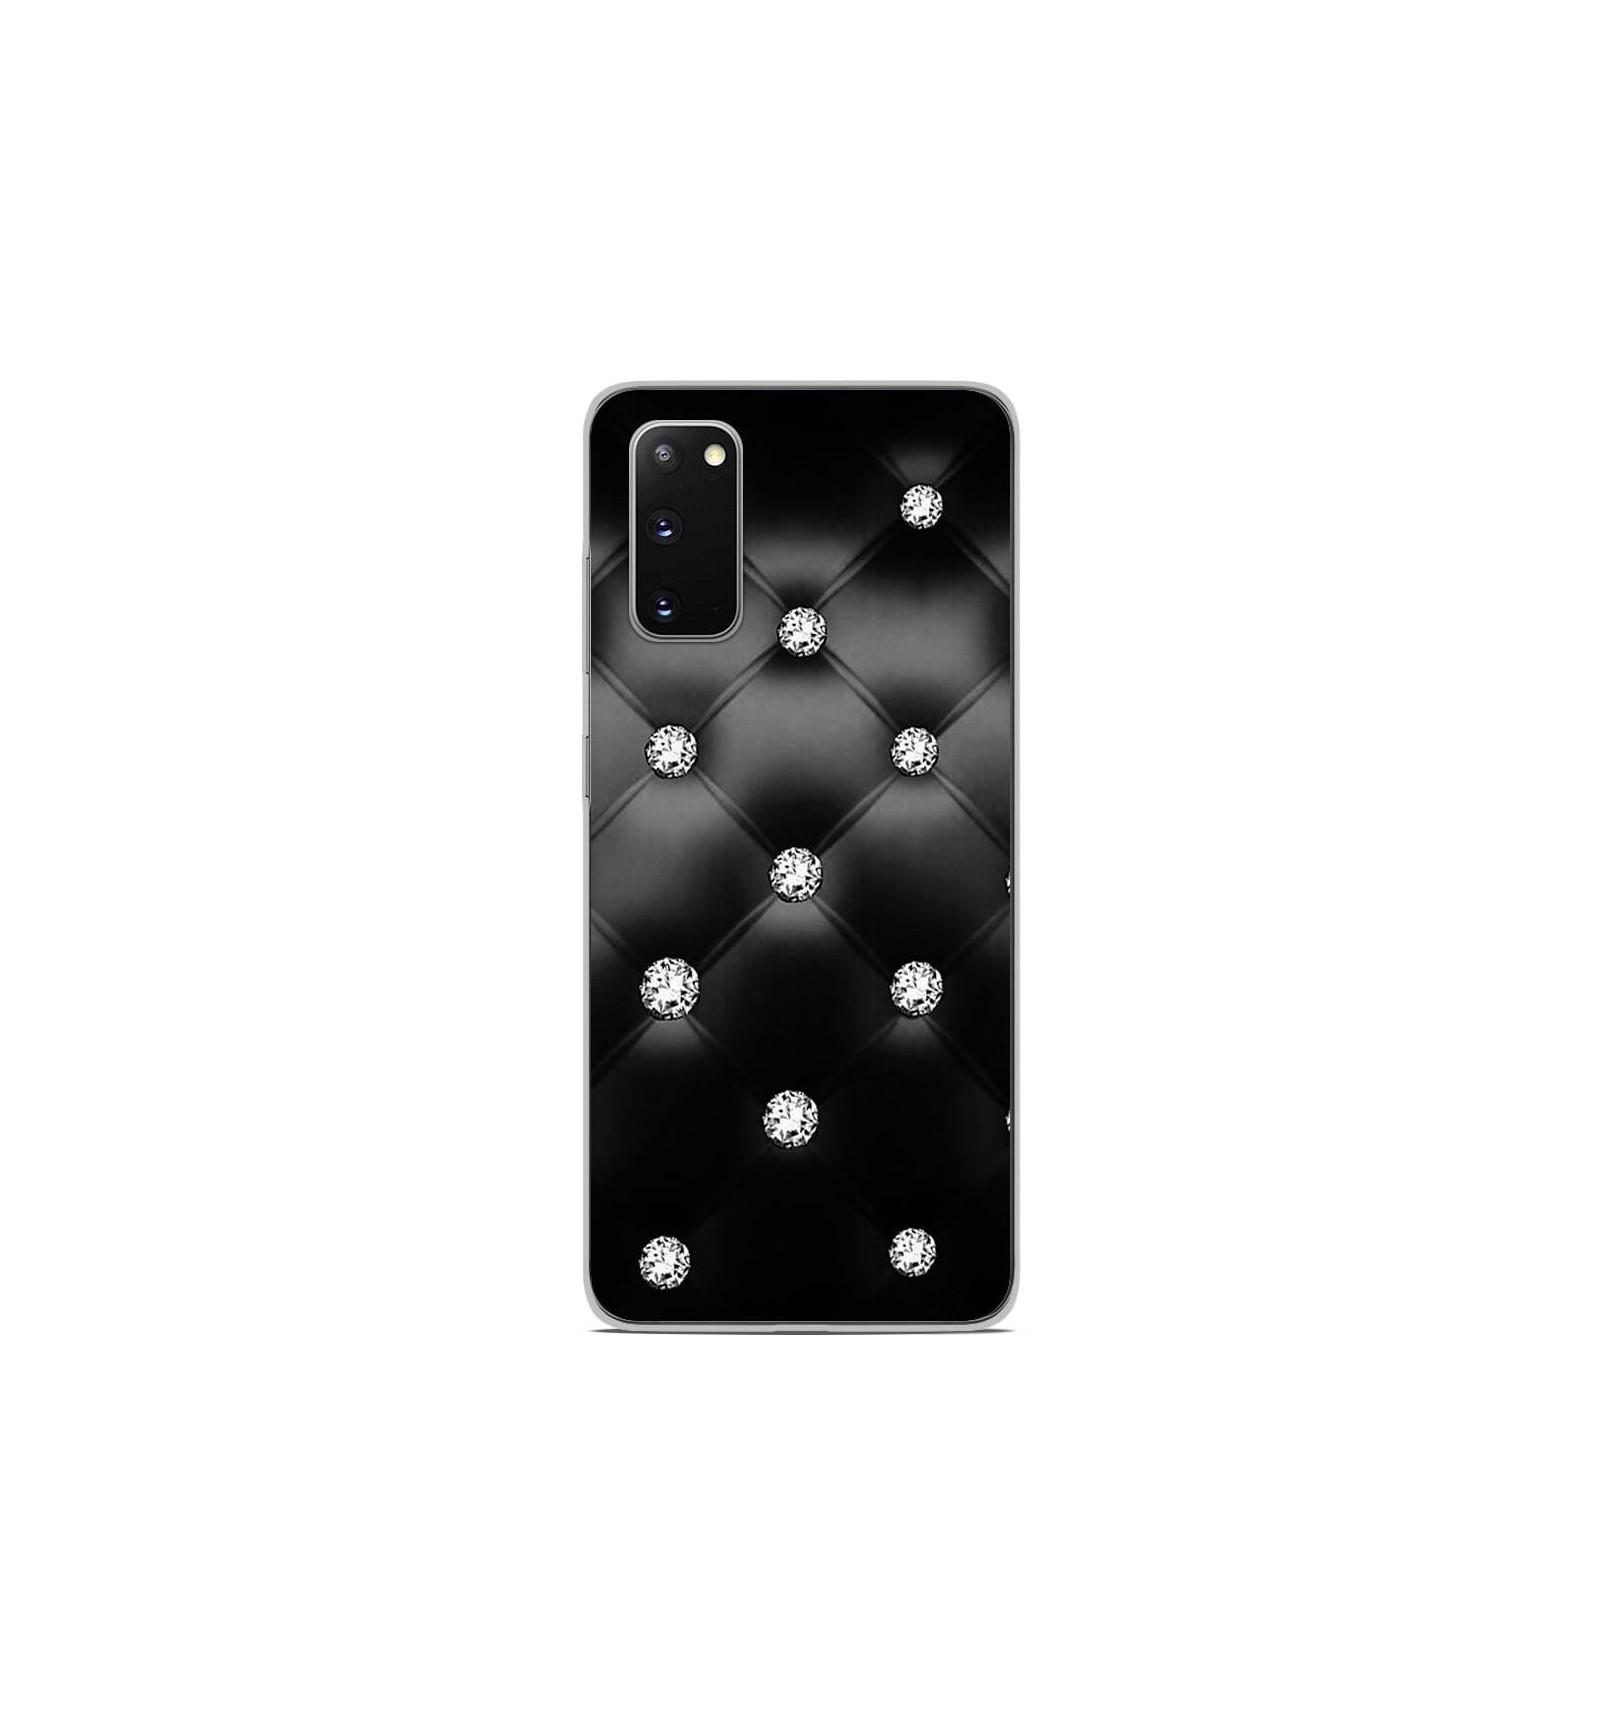 Coque en silicone Samsung Galaxy S20 - Strass